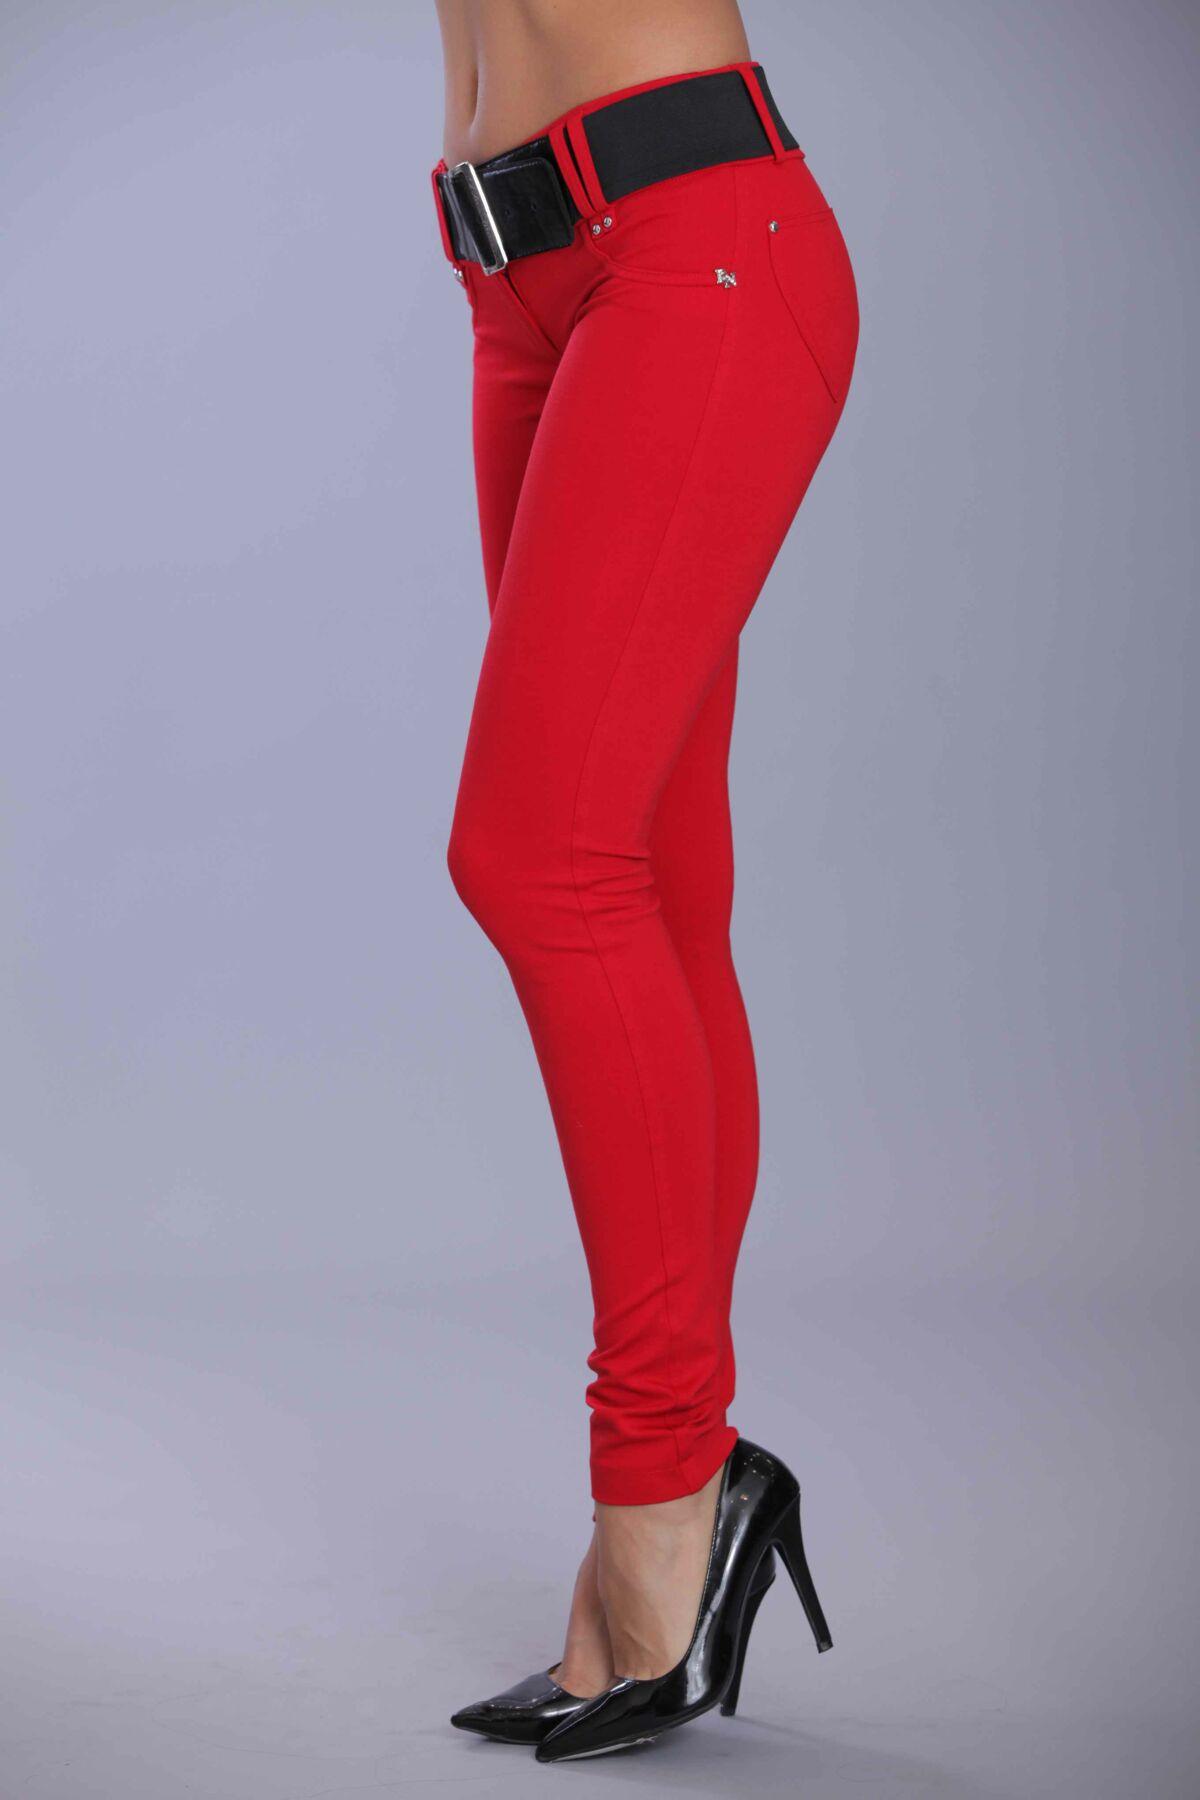 a5d4324c47 Öves puntó nadrág (elasztikus) piros - Blue Nature webshop